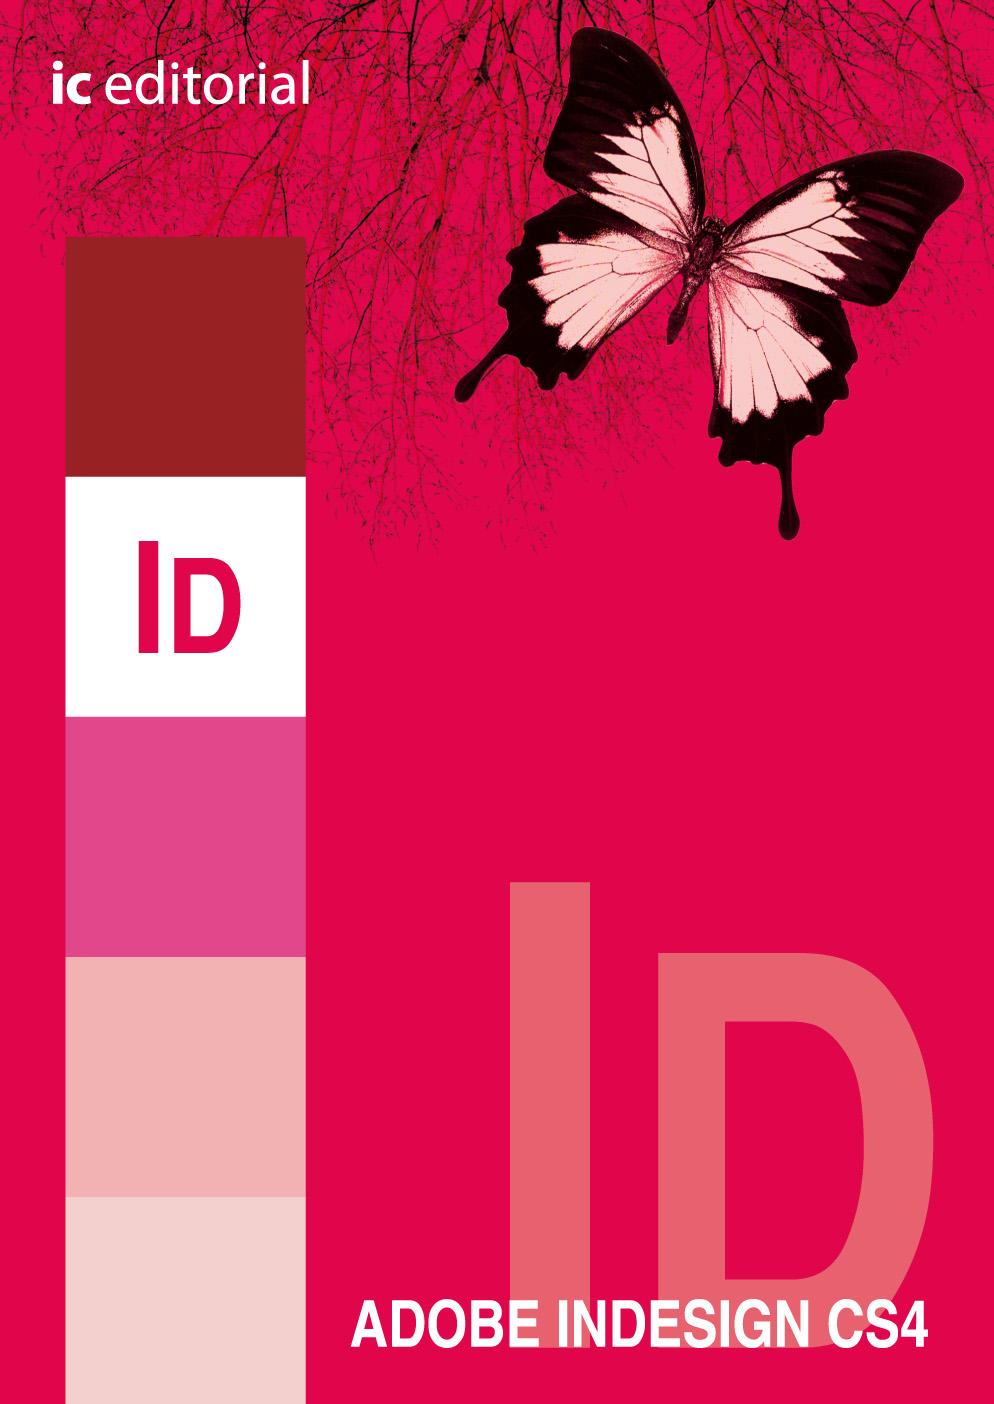 Adobe indesign cs 4